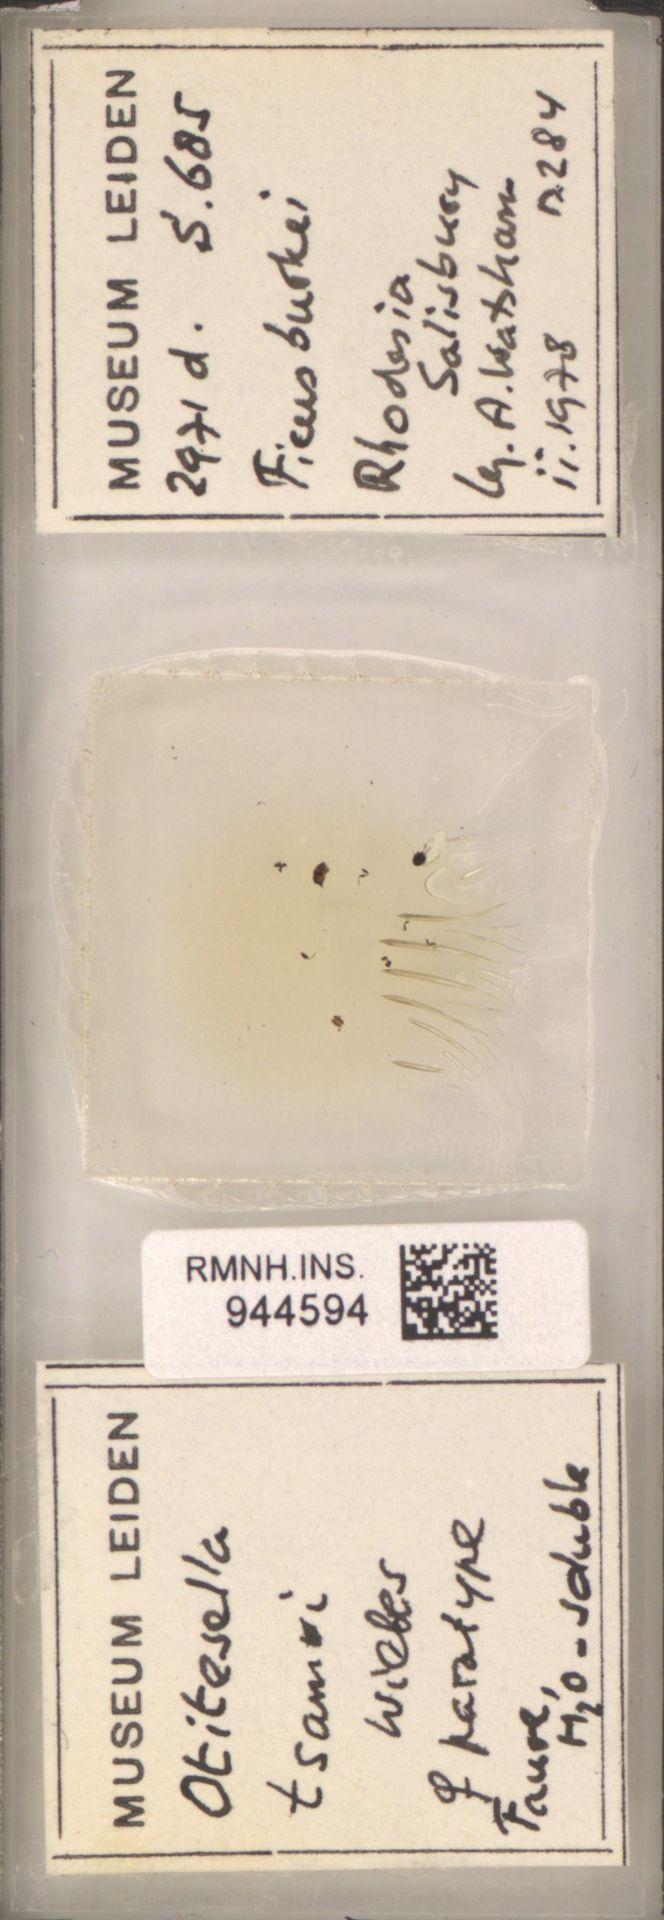 RMNH.INS.944594 | Otitesella tsamvi Wiebes